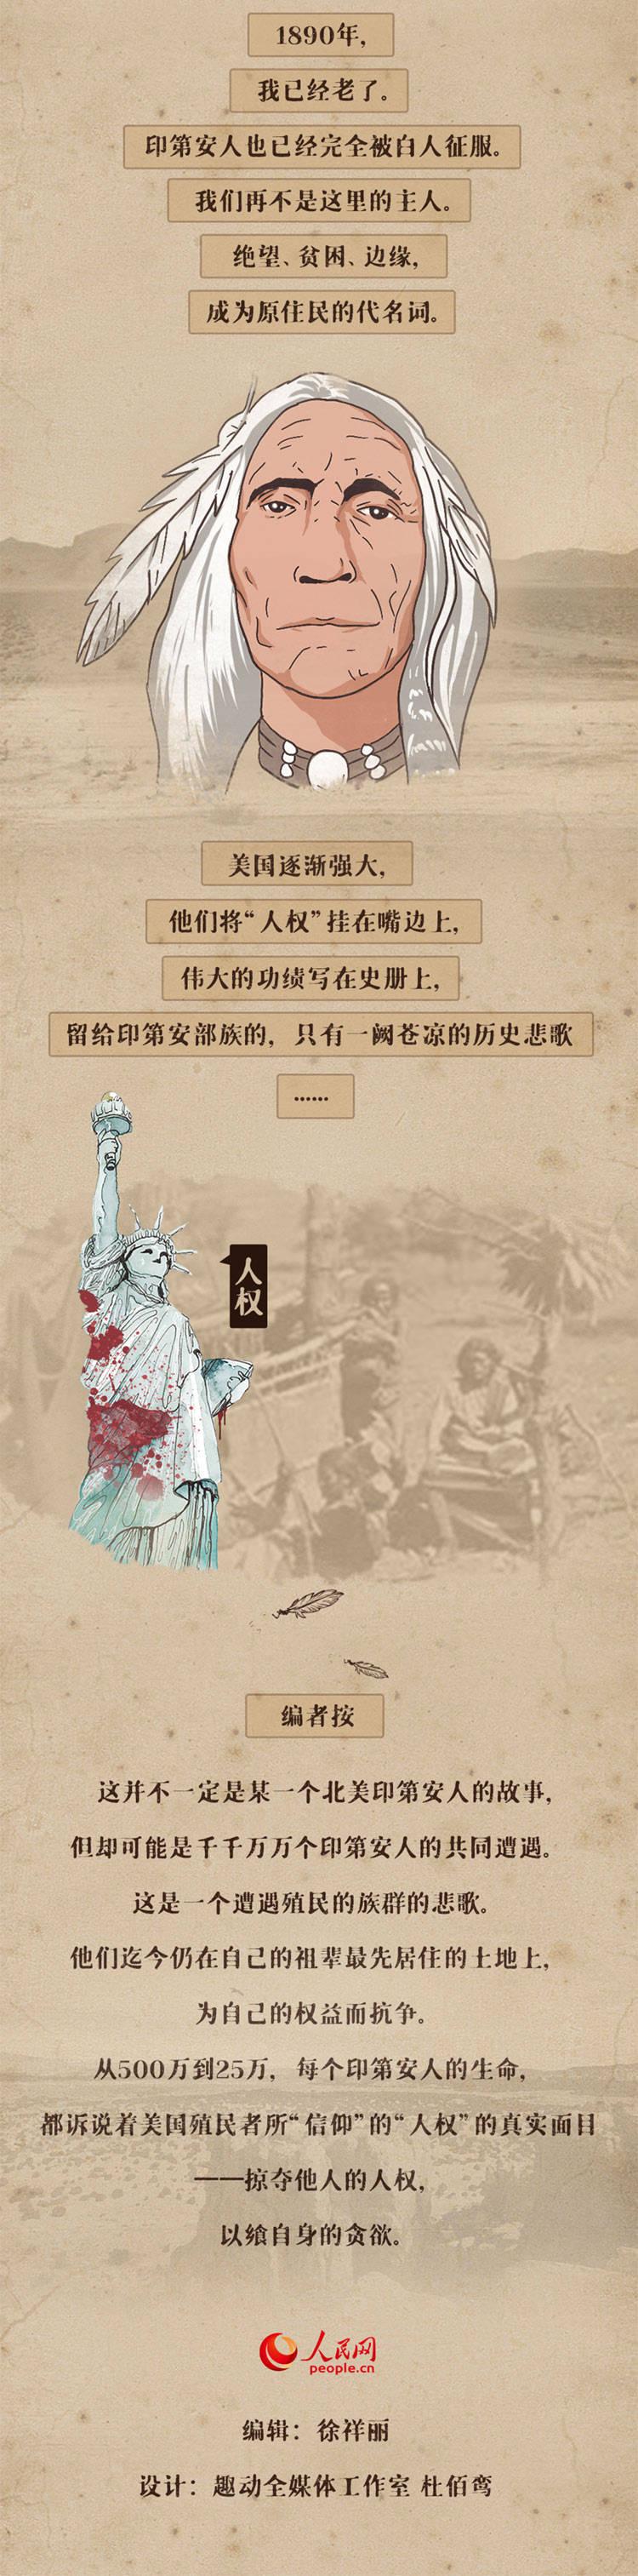 圖說美華人權劣跡之一: 一個19世紀印第安人的一生